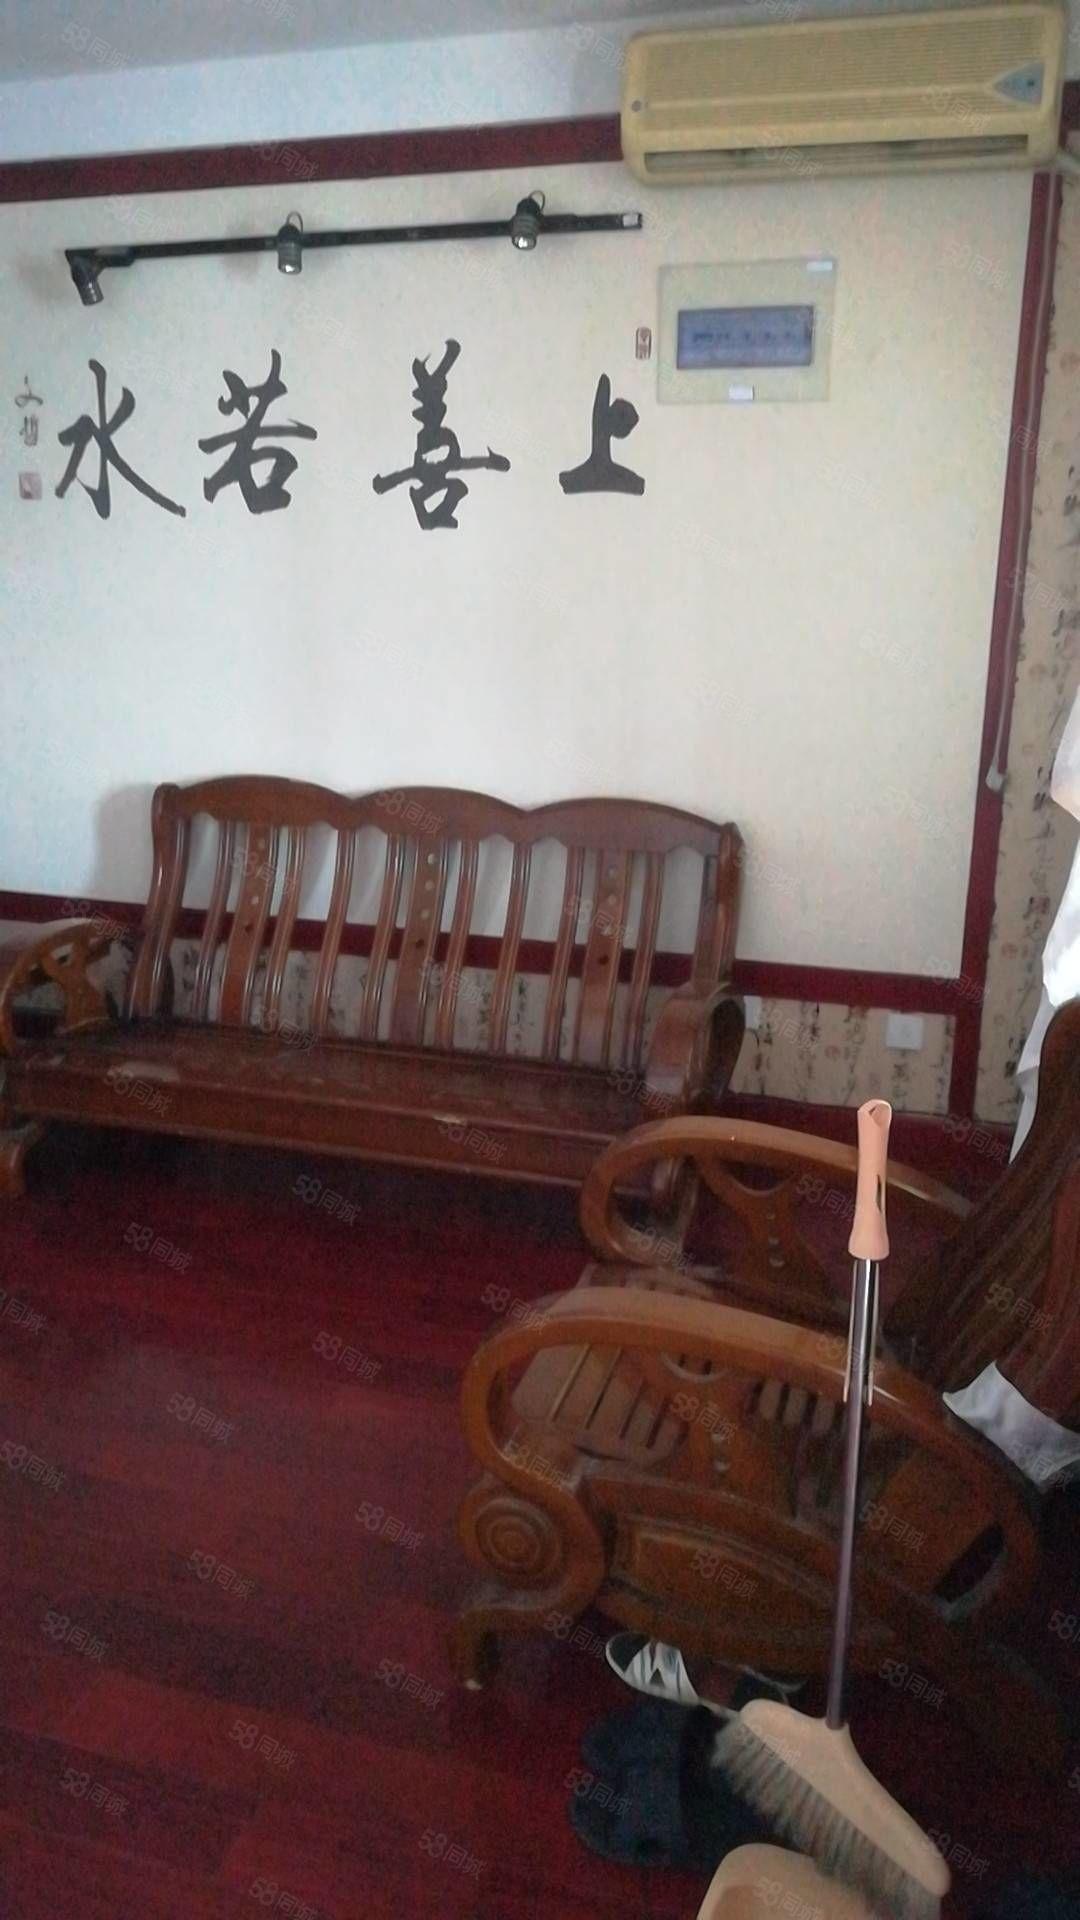 盛园路民政局精装一室一厅家具家电齐全干净整洁拎包入住